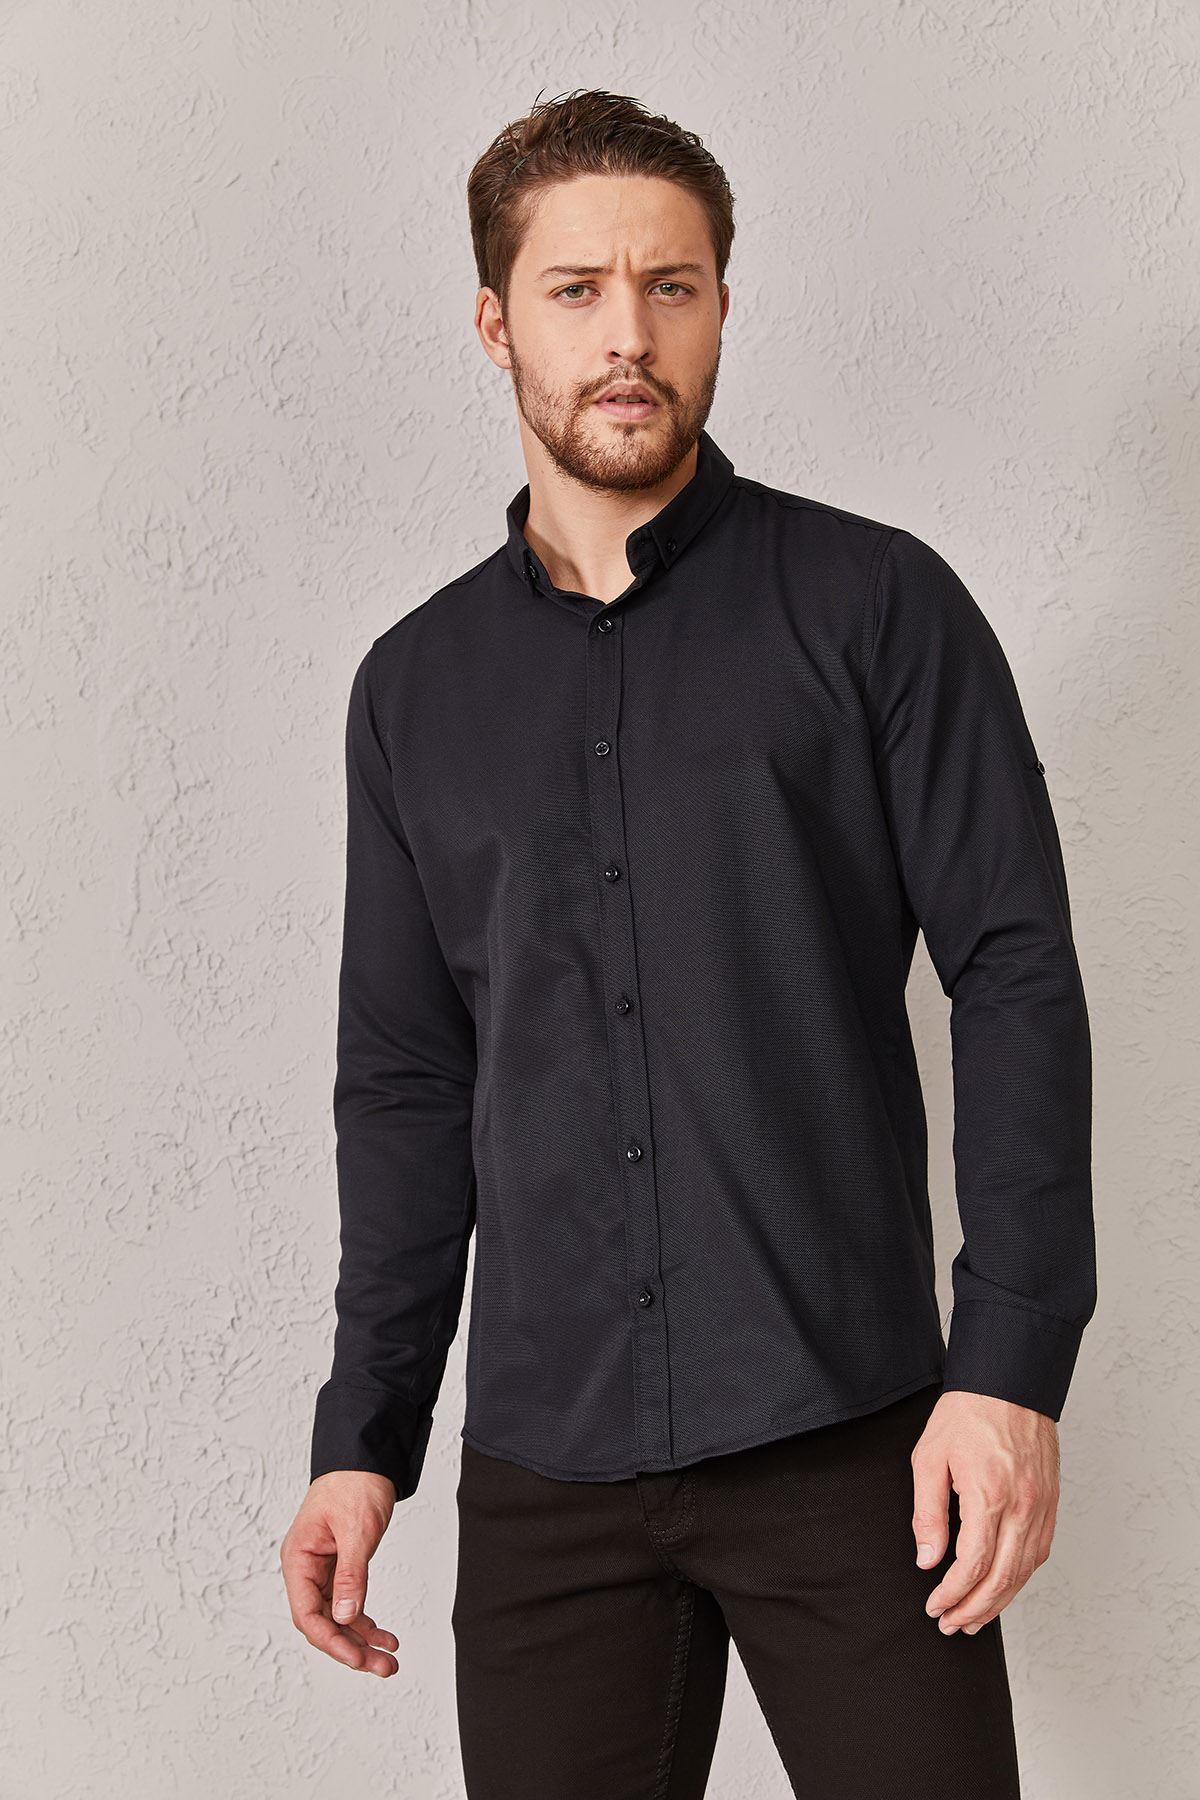 Erkek Düz Siyah Gömlek